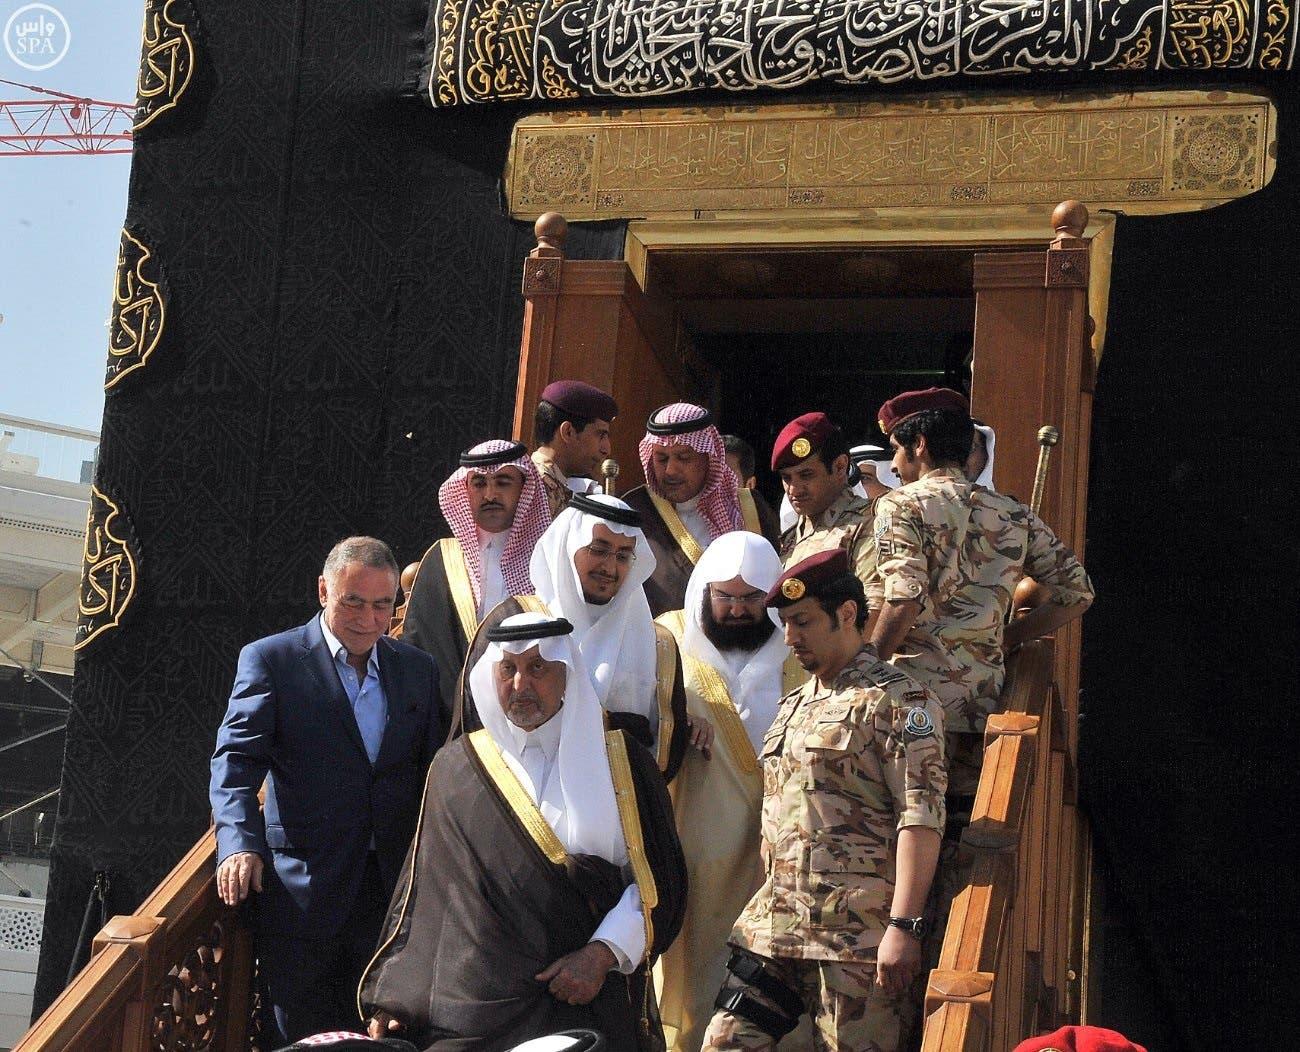 الأمير خالد الفيصل ومرافقوه عند باب الكعبة المشرفة